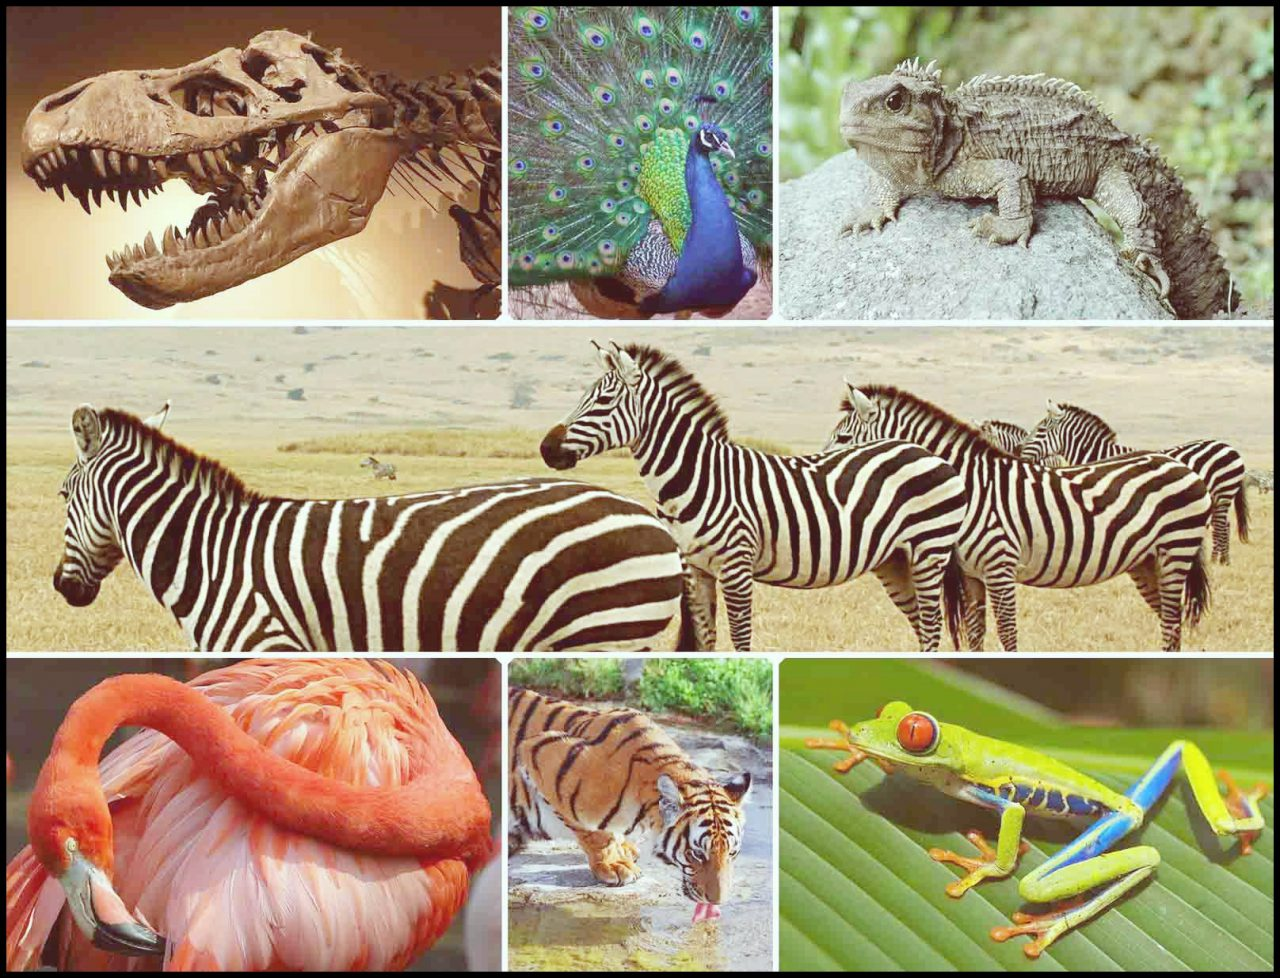 Bugün 22 Mayıs Dünya Biyolojik Çeşitlilik Günü